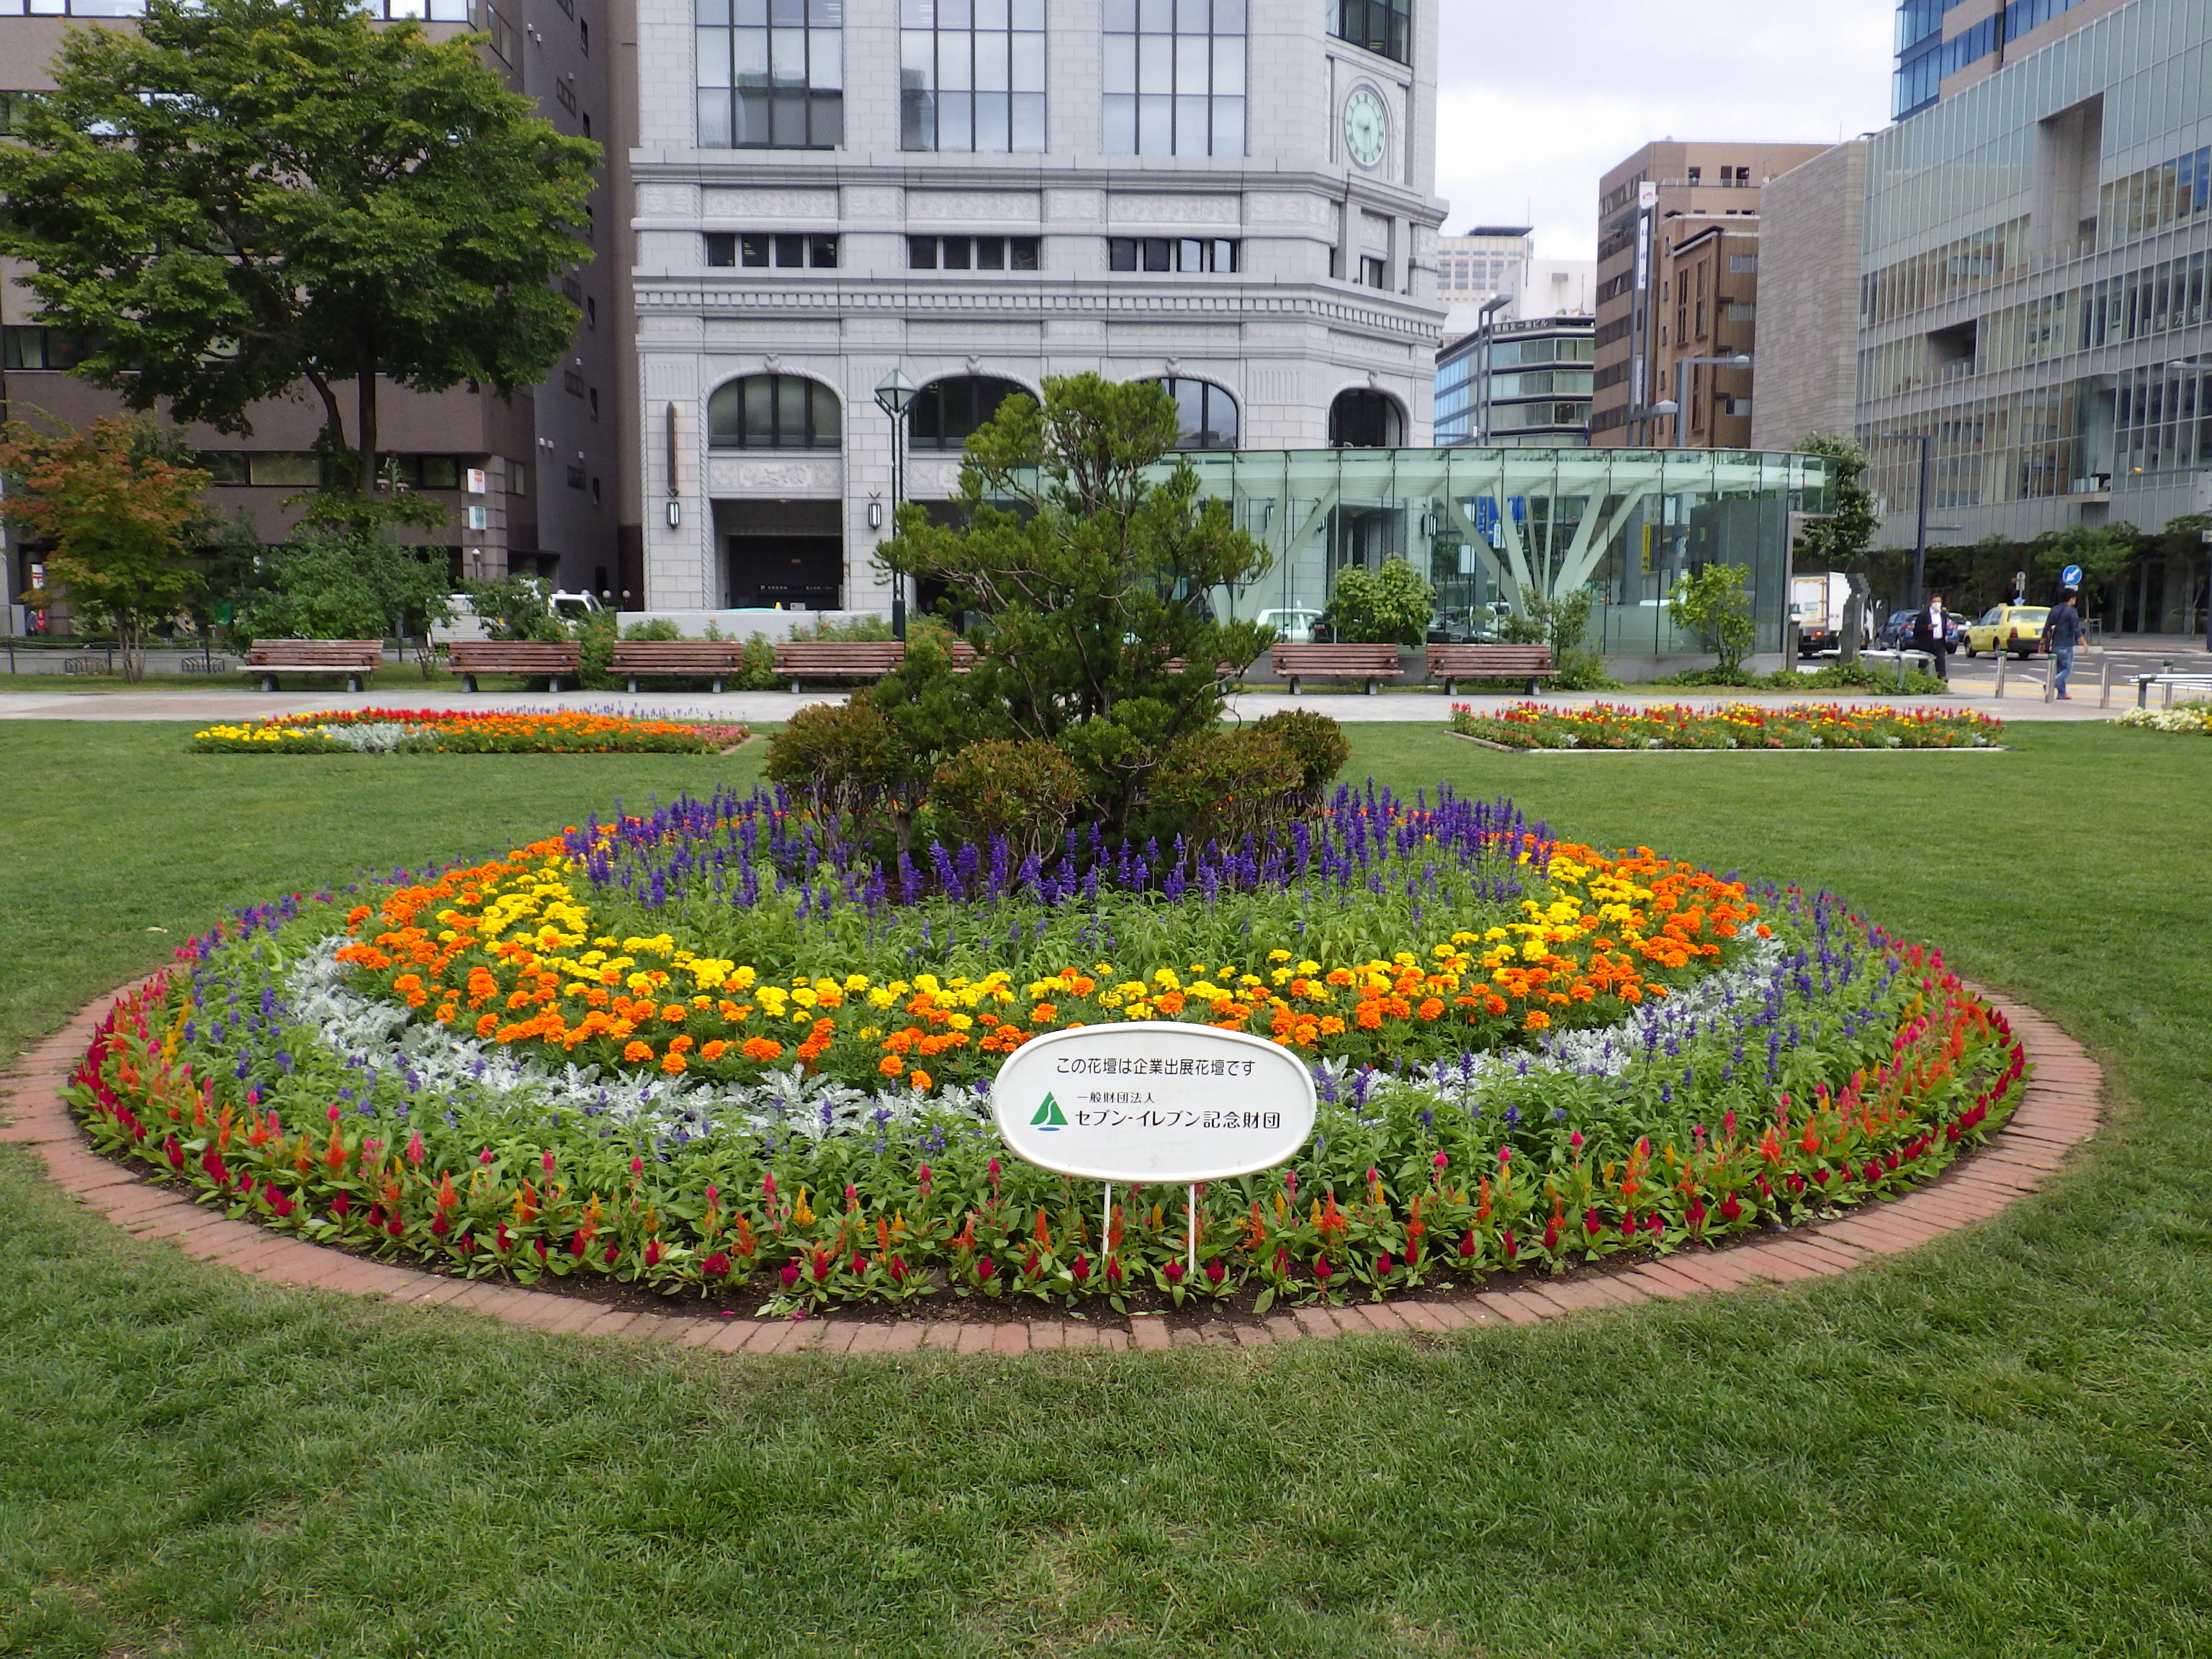 9月1日に植え替えたセブンイレブンのスポンサー花壇